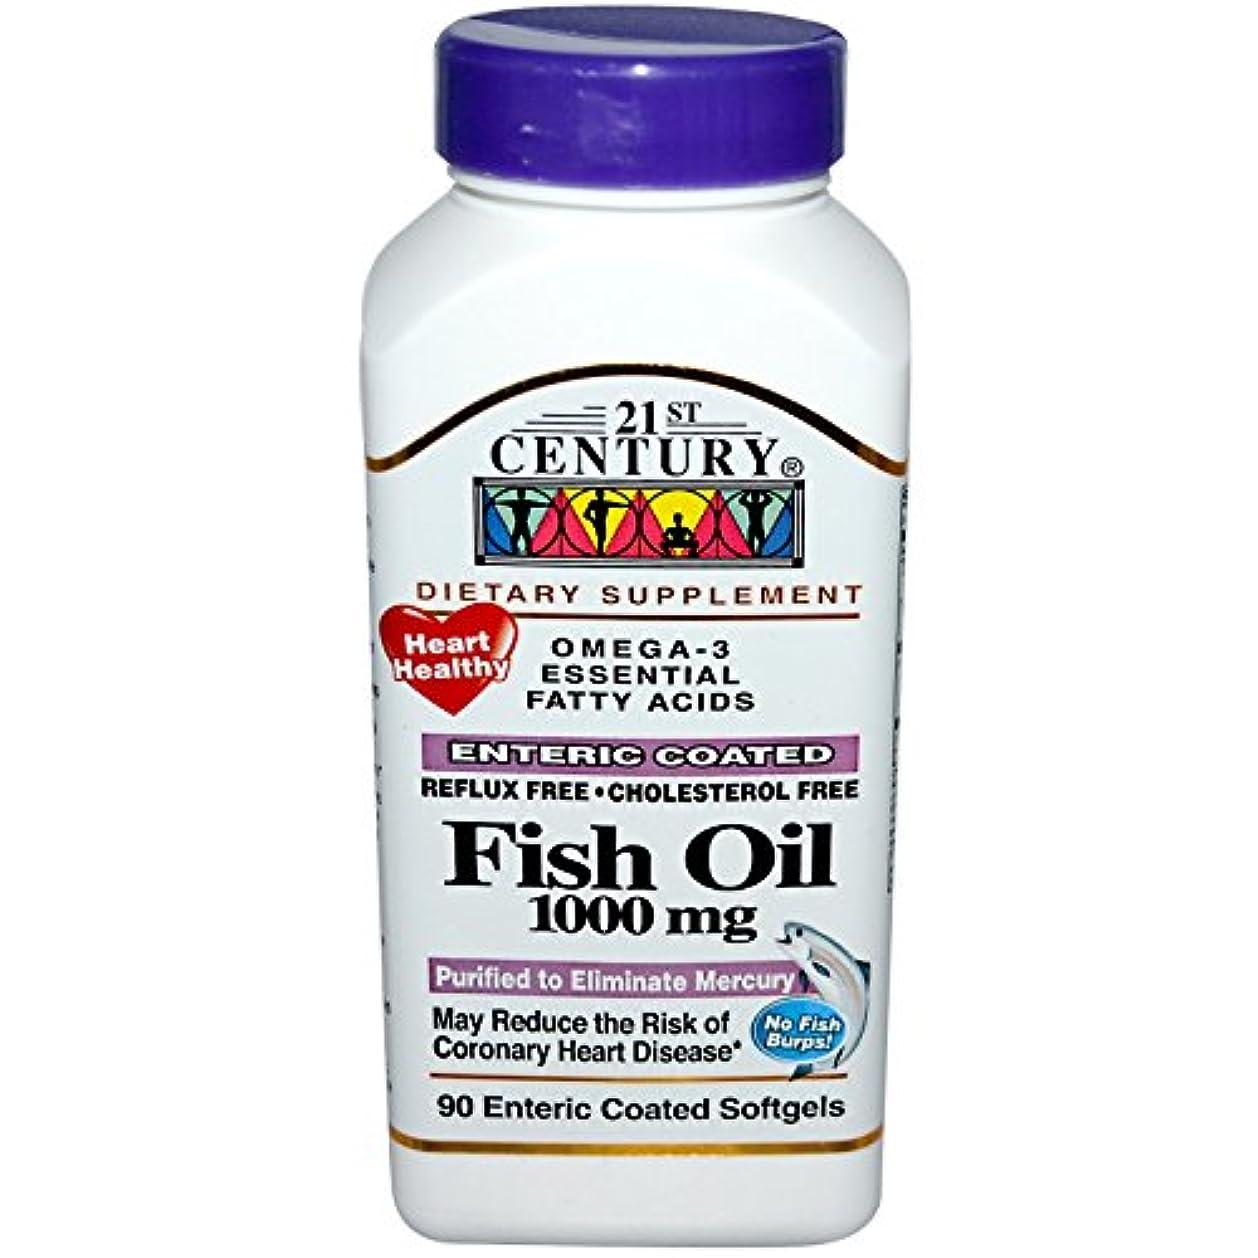 デッドロック東部なす21st Century Health Care, Fish Oil, 1000 mg, 90 Enteric Coated Softgels